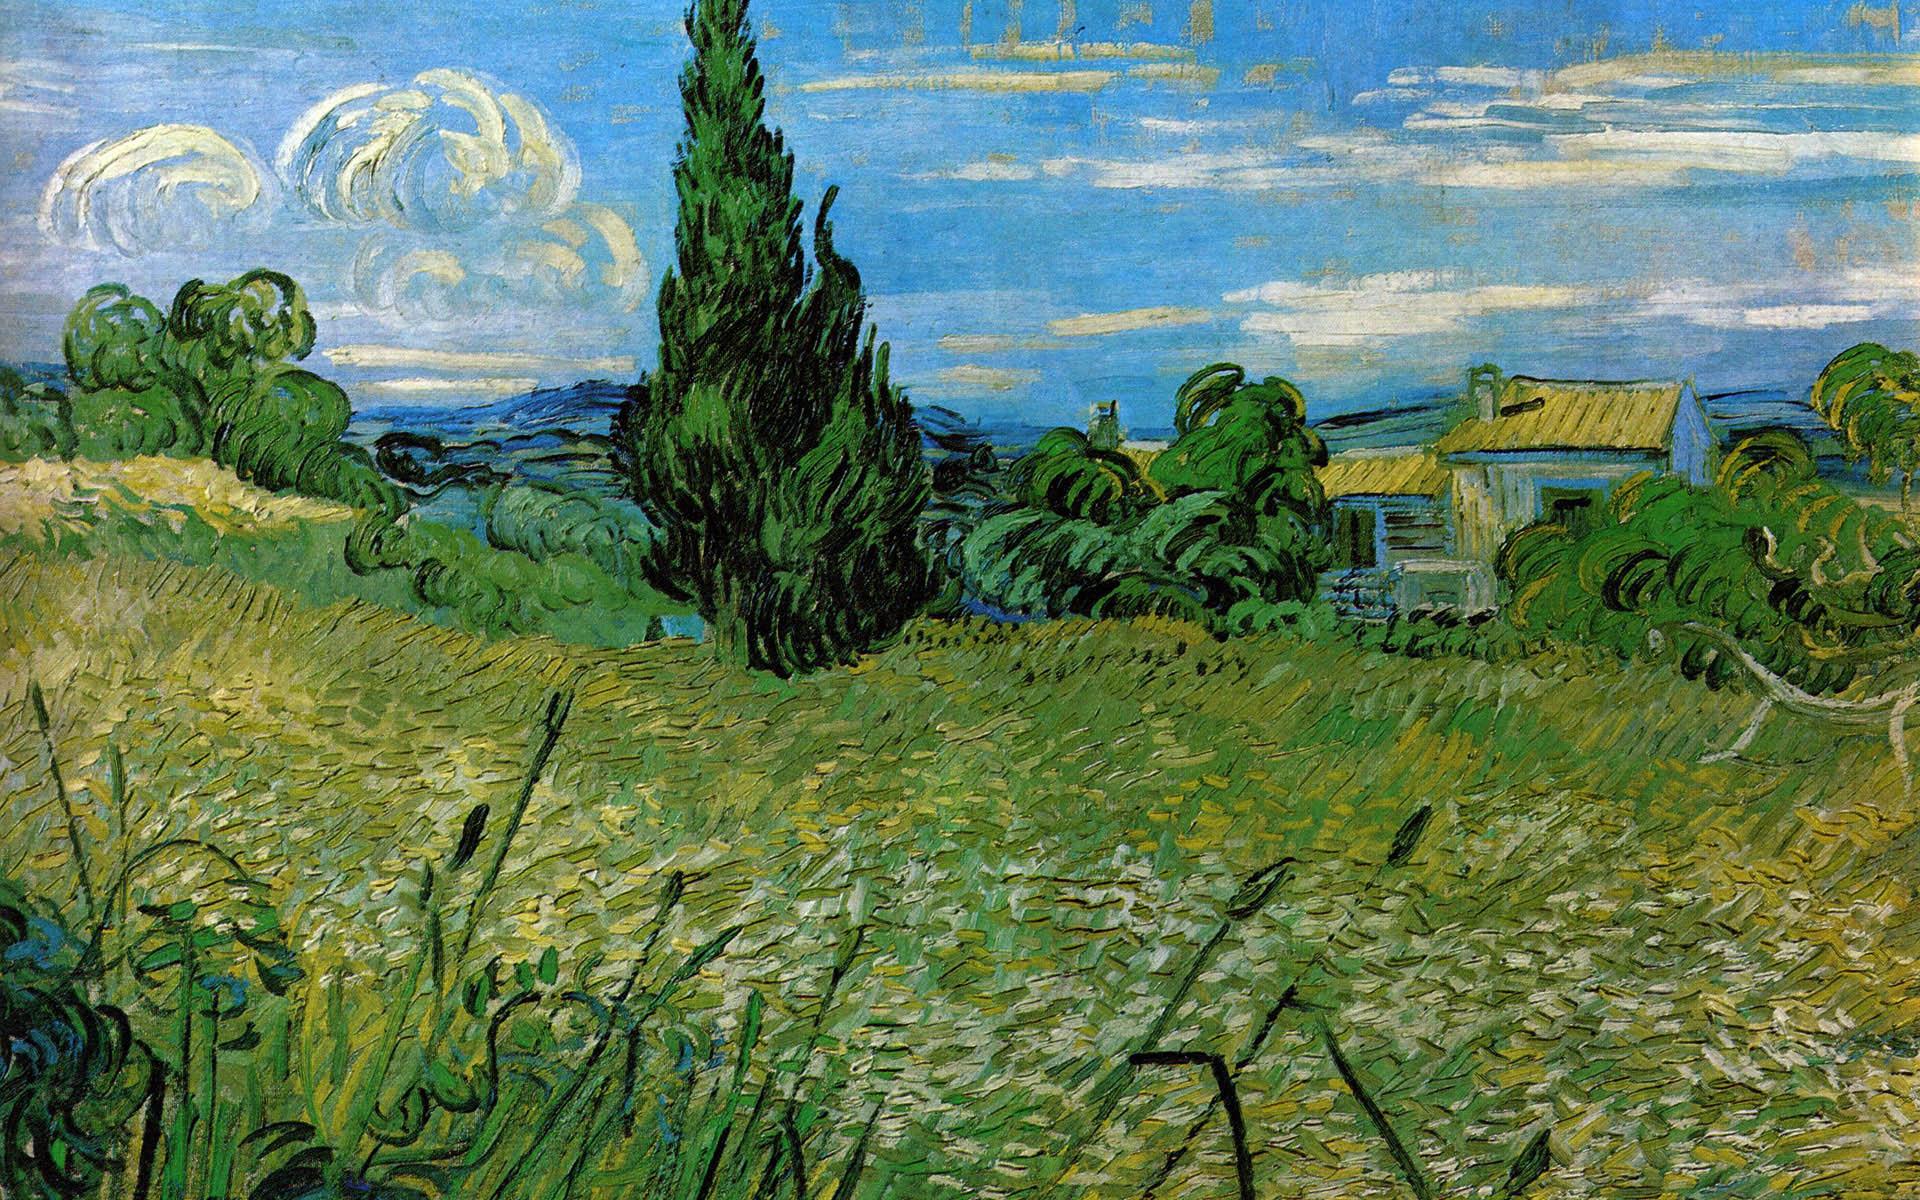 картина Пшеничное поле с кипарисами [ картина - пейзаж ] :: Ван Гог, описание картины, плюс статья про арт подарки - Van Gogh фото